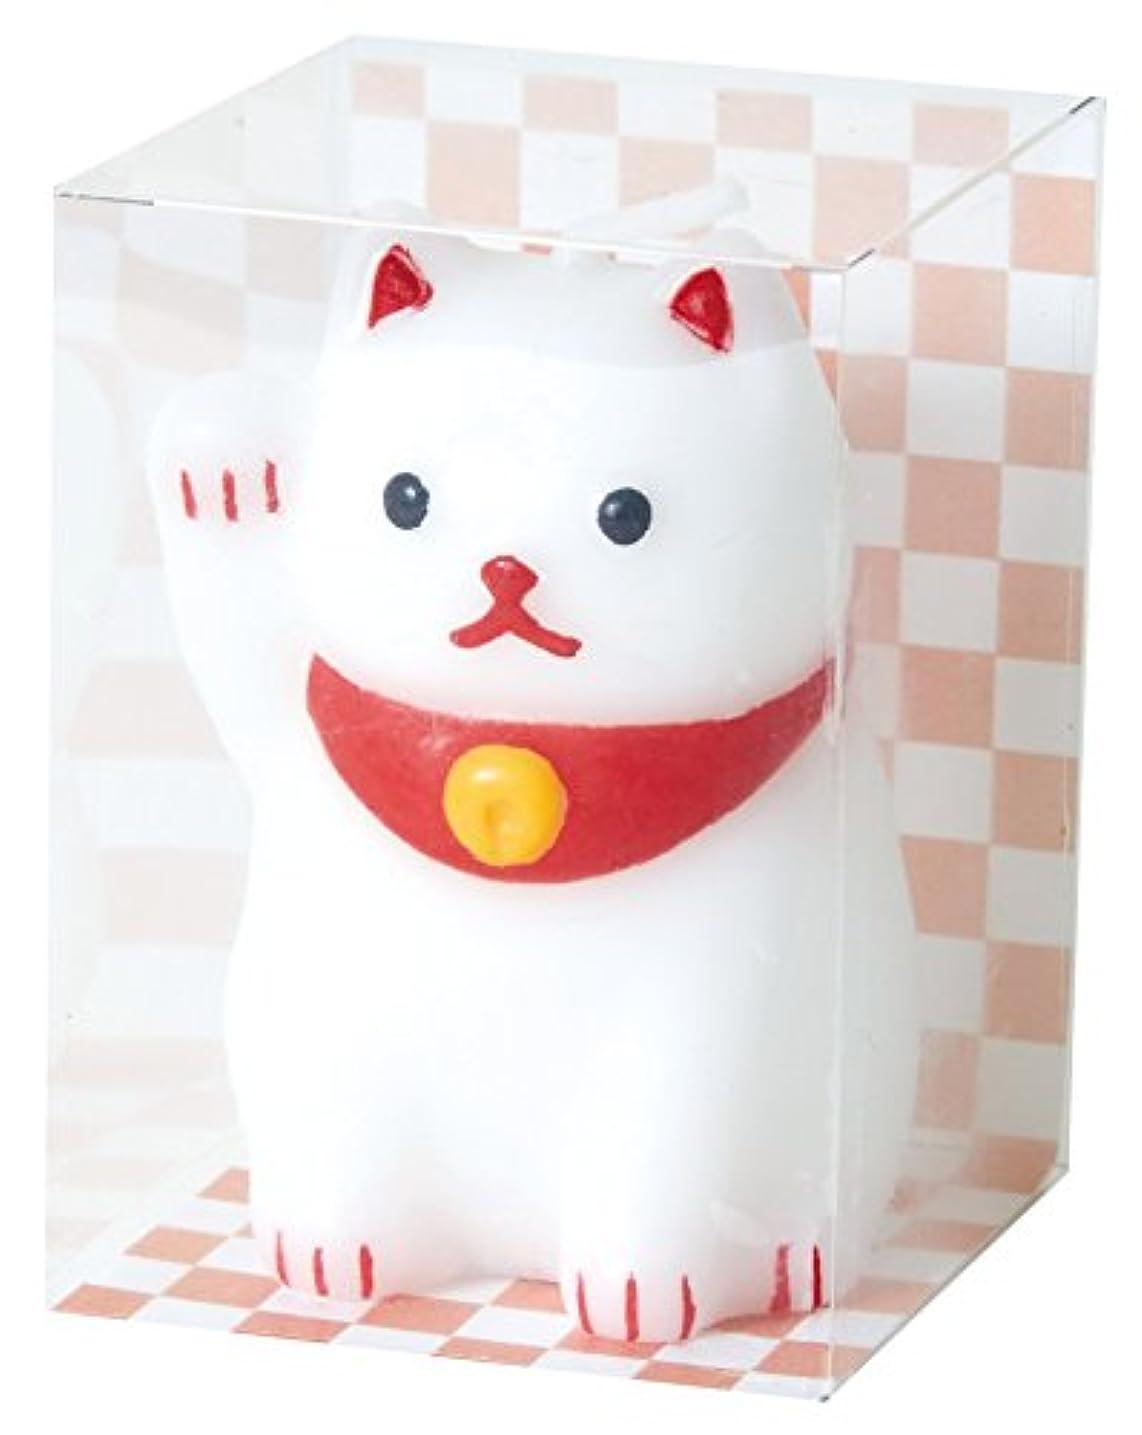 マキシムモニカスカーフカメヤマキャンドルハウス 福びよりキャンドル 招き猫